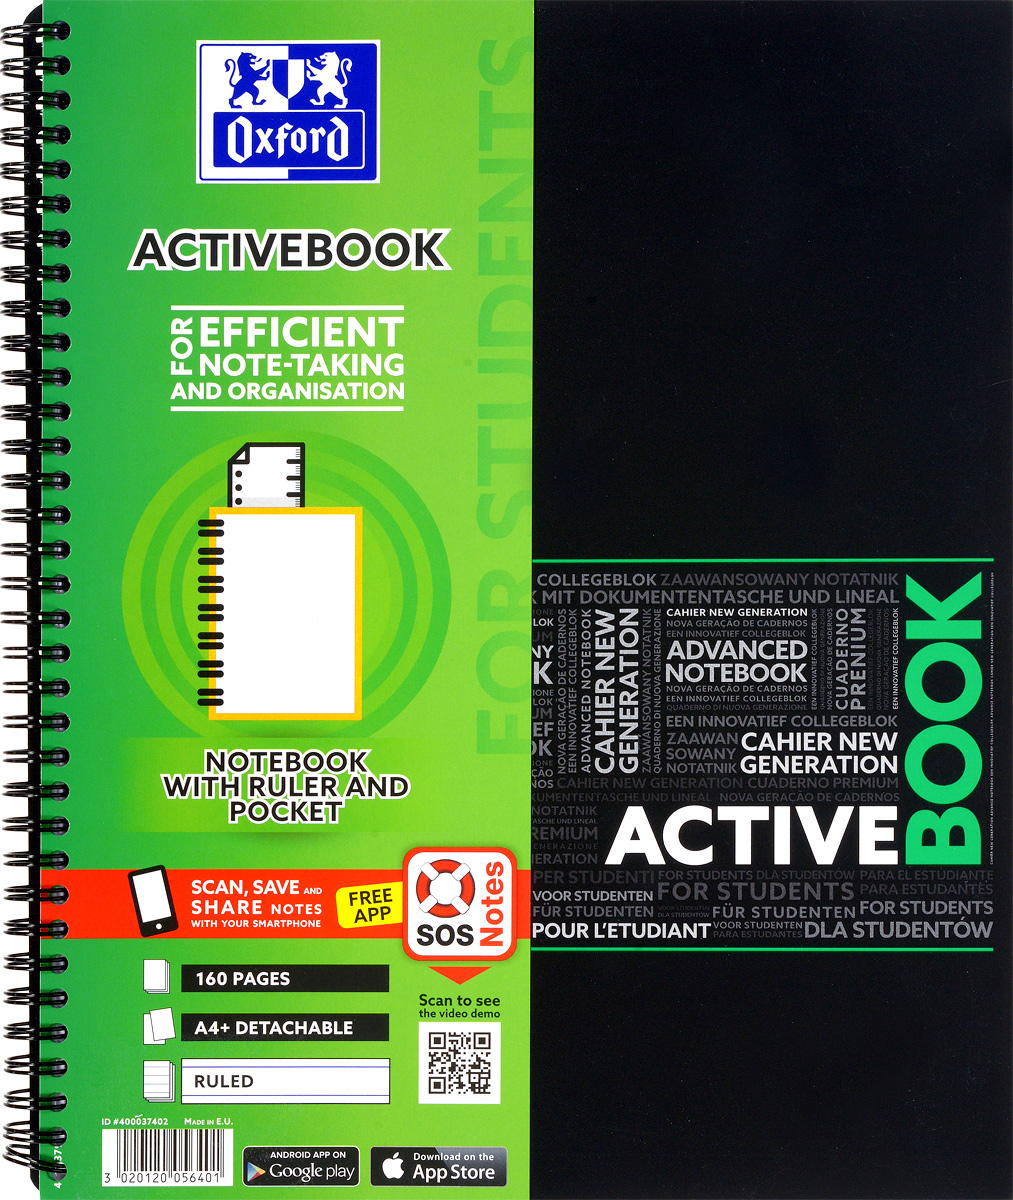 Oxford Тетрадь Sos Notes Activebook 80 листов в линейку цвет зеленый400037402,291405Красивая и практичная тетрадь Oxford Sos Notes Activebook отлично подойдет для ведения и хранения заметок. Тетрадь формата А4+ состоит из 80 листов белой бумаги и четкой яркой линовкой в линейку. Обложка тетради выполнена из плотного пластика зеленого и черного цвета. Все ваши записи и заметки всегда будут в безопасности, т.к тетрадь основана на двойной металлической спирали. Также тетрадь имеет закругленные и благодаря специальным меткам на каждой странице и бесплатному приложению SOS Notes для вашего телефона или планшета, вы сможете всегда легко перенести ваши записи и зарисовки с бумажной страницы в смартфон или на компьютер.Это прекрасное сочетание тетради и органайзера так как включает в себя внутренний кармашек для хранения документов и закладку-линейку со справочной информацией.